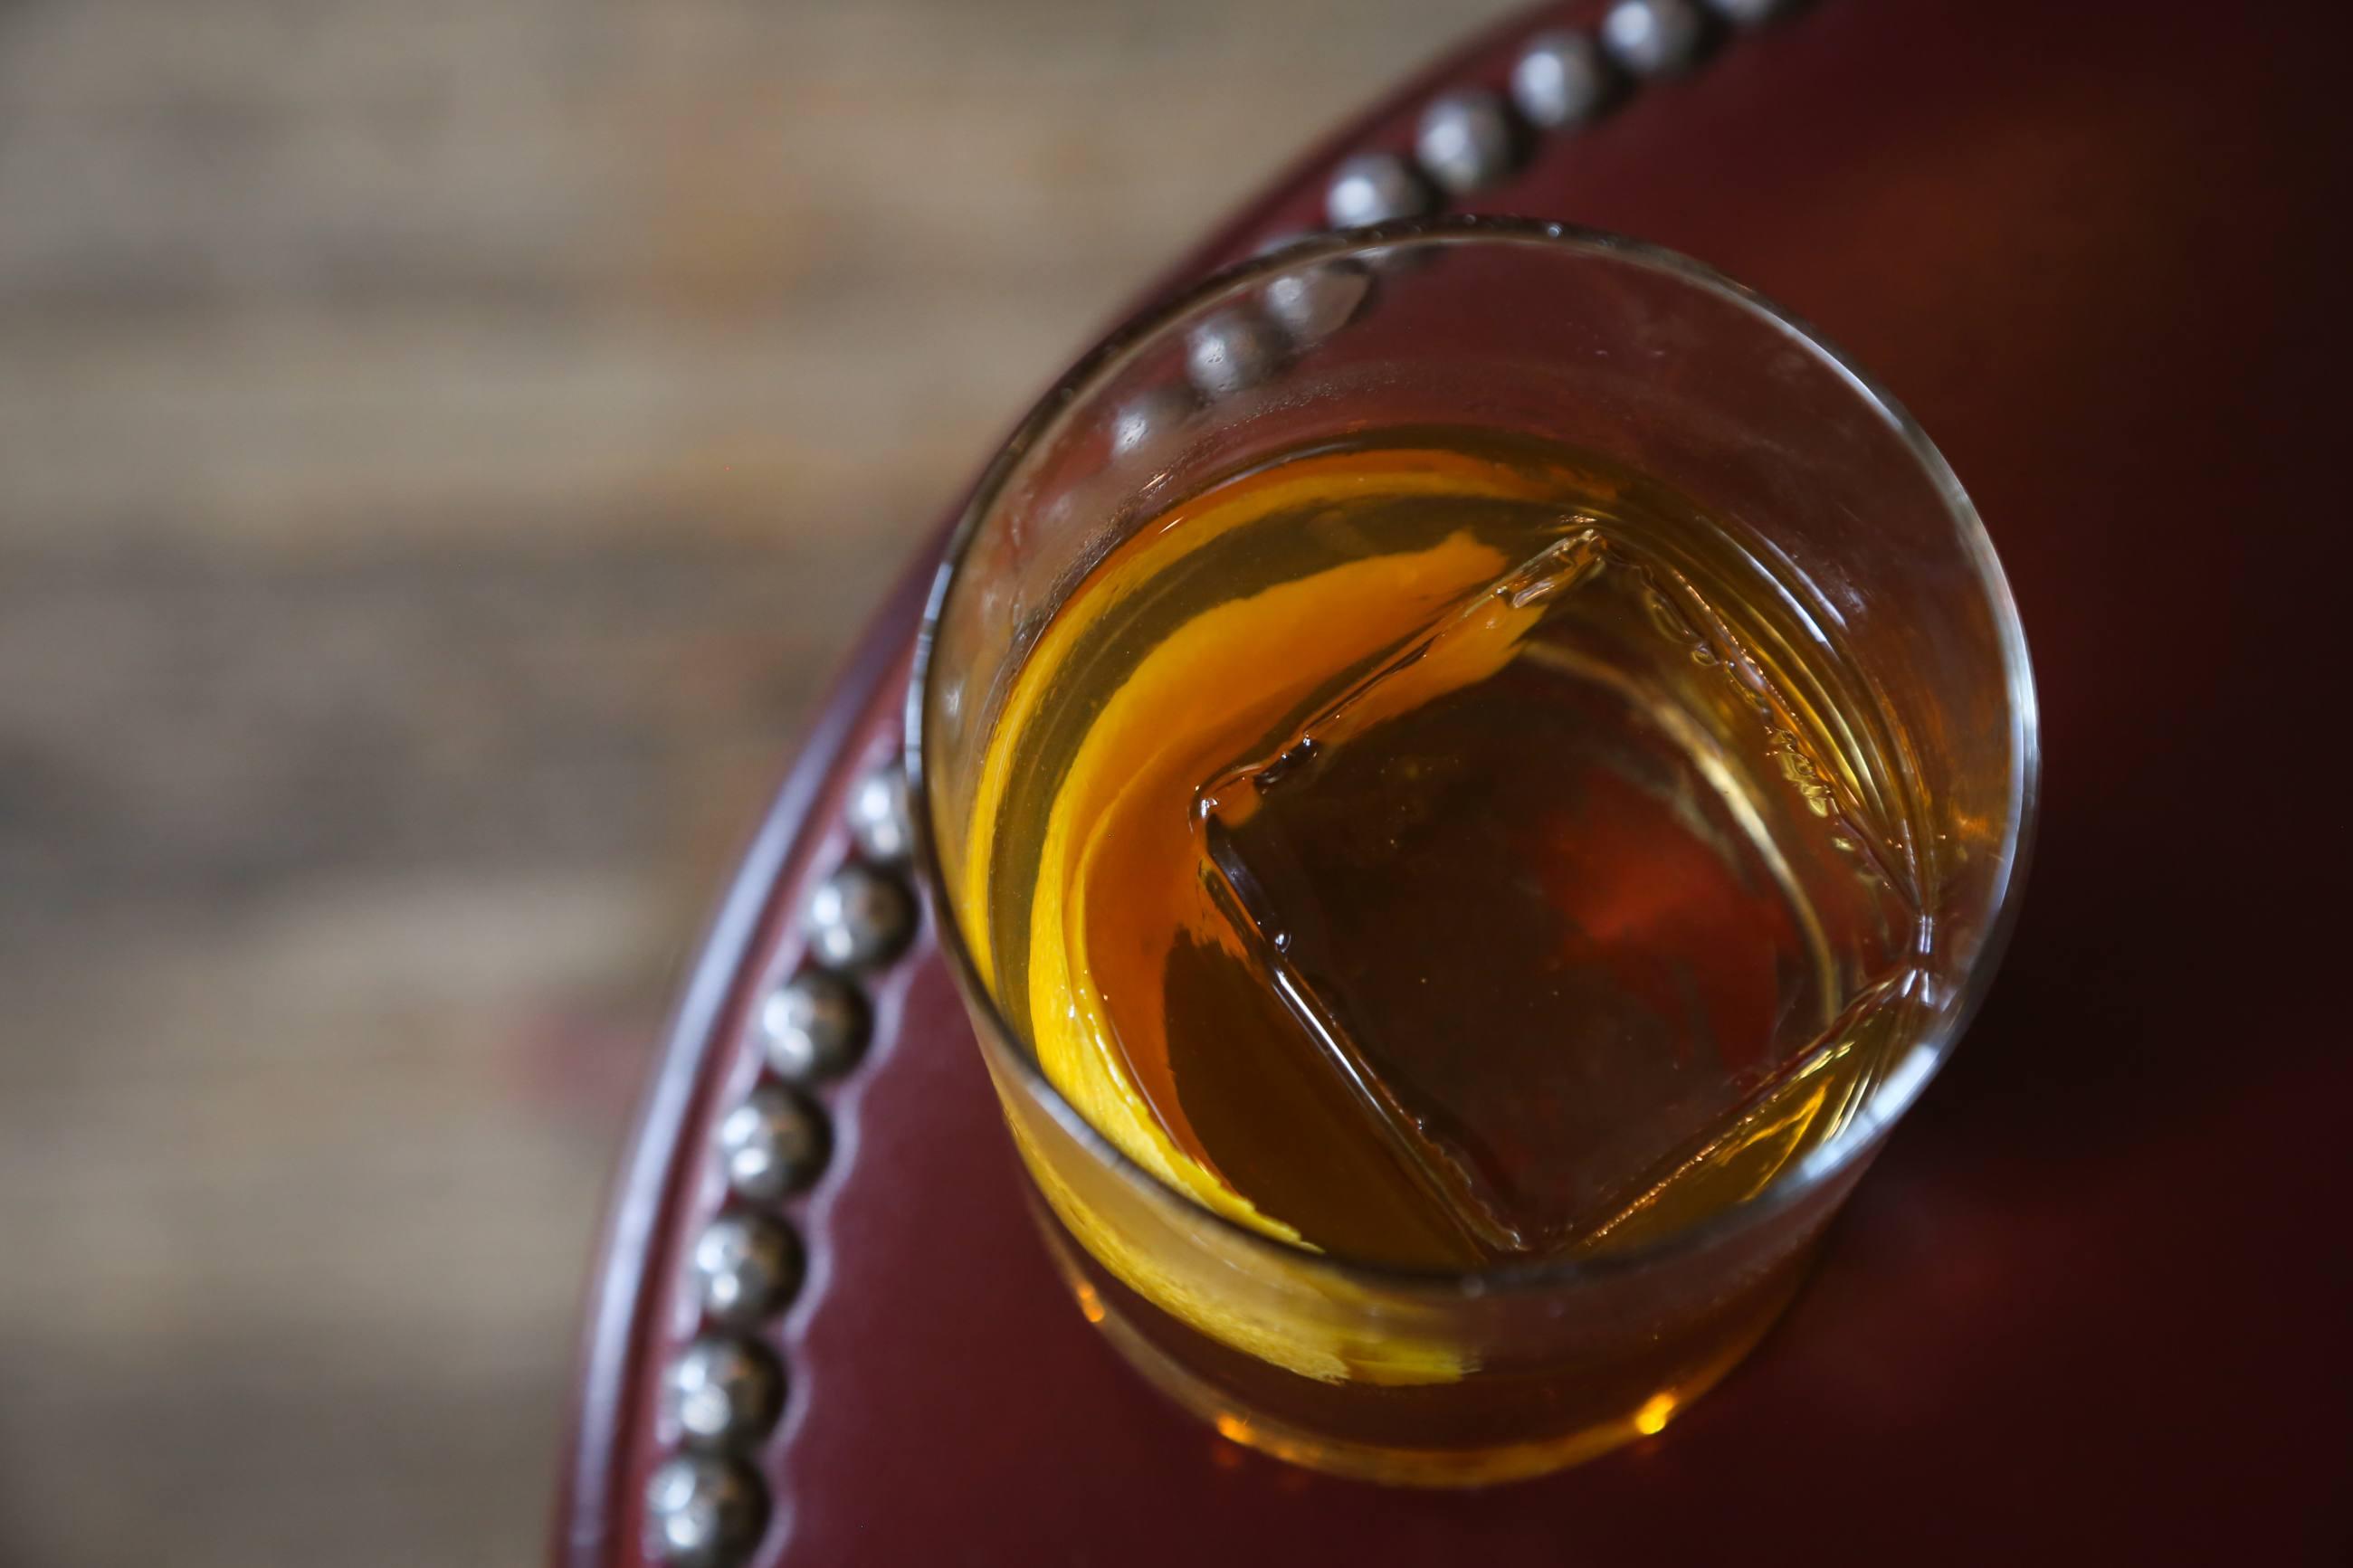 Old Fashioned at Big Bar in Los Feliz